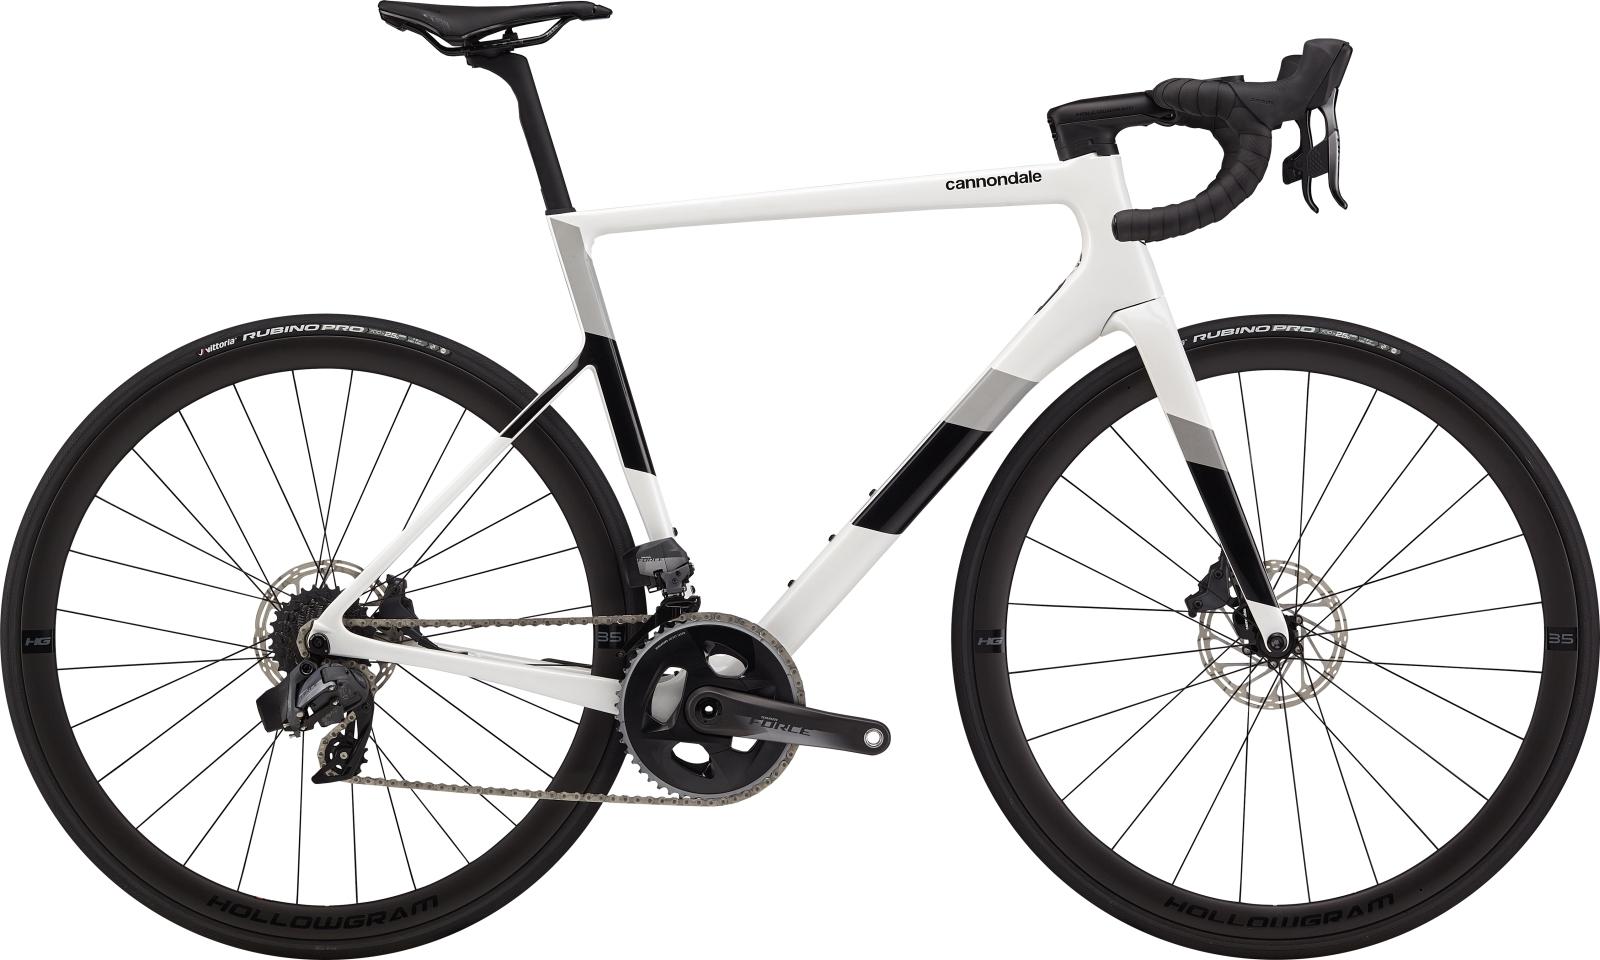 Cannondale Super Six Evo Carbon Disc Force eTap országúti kerékpár - fehér - 56 cm (2020)